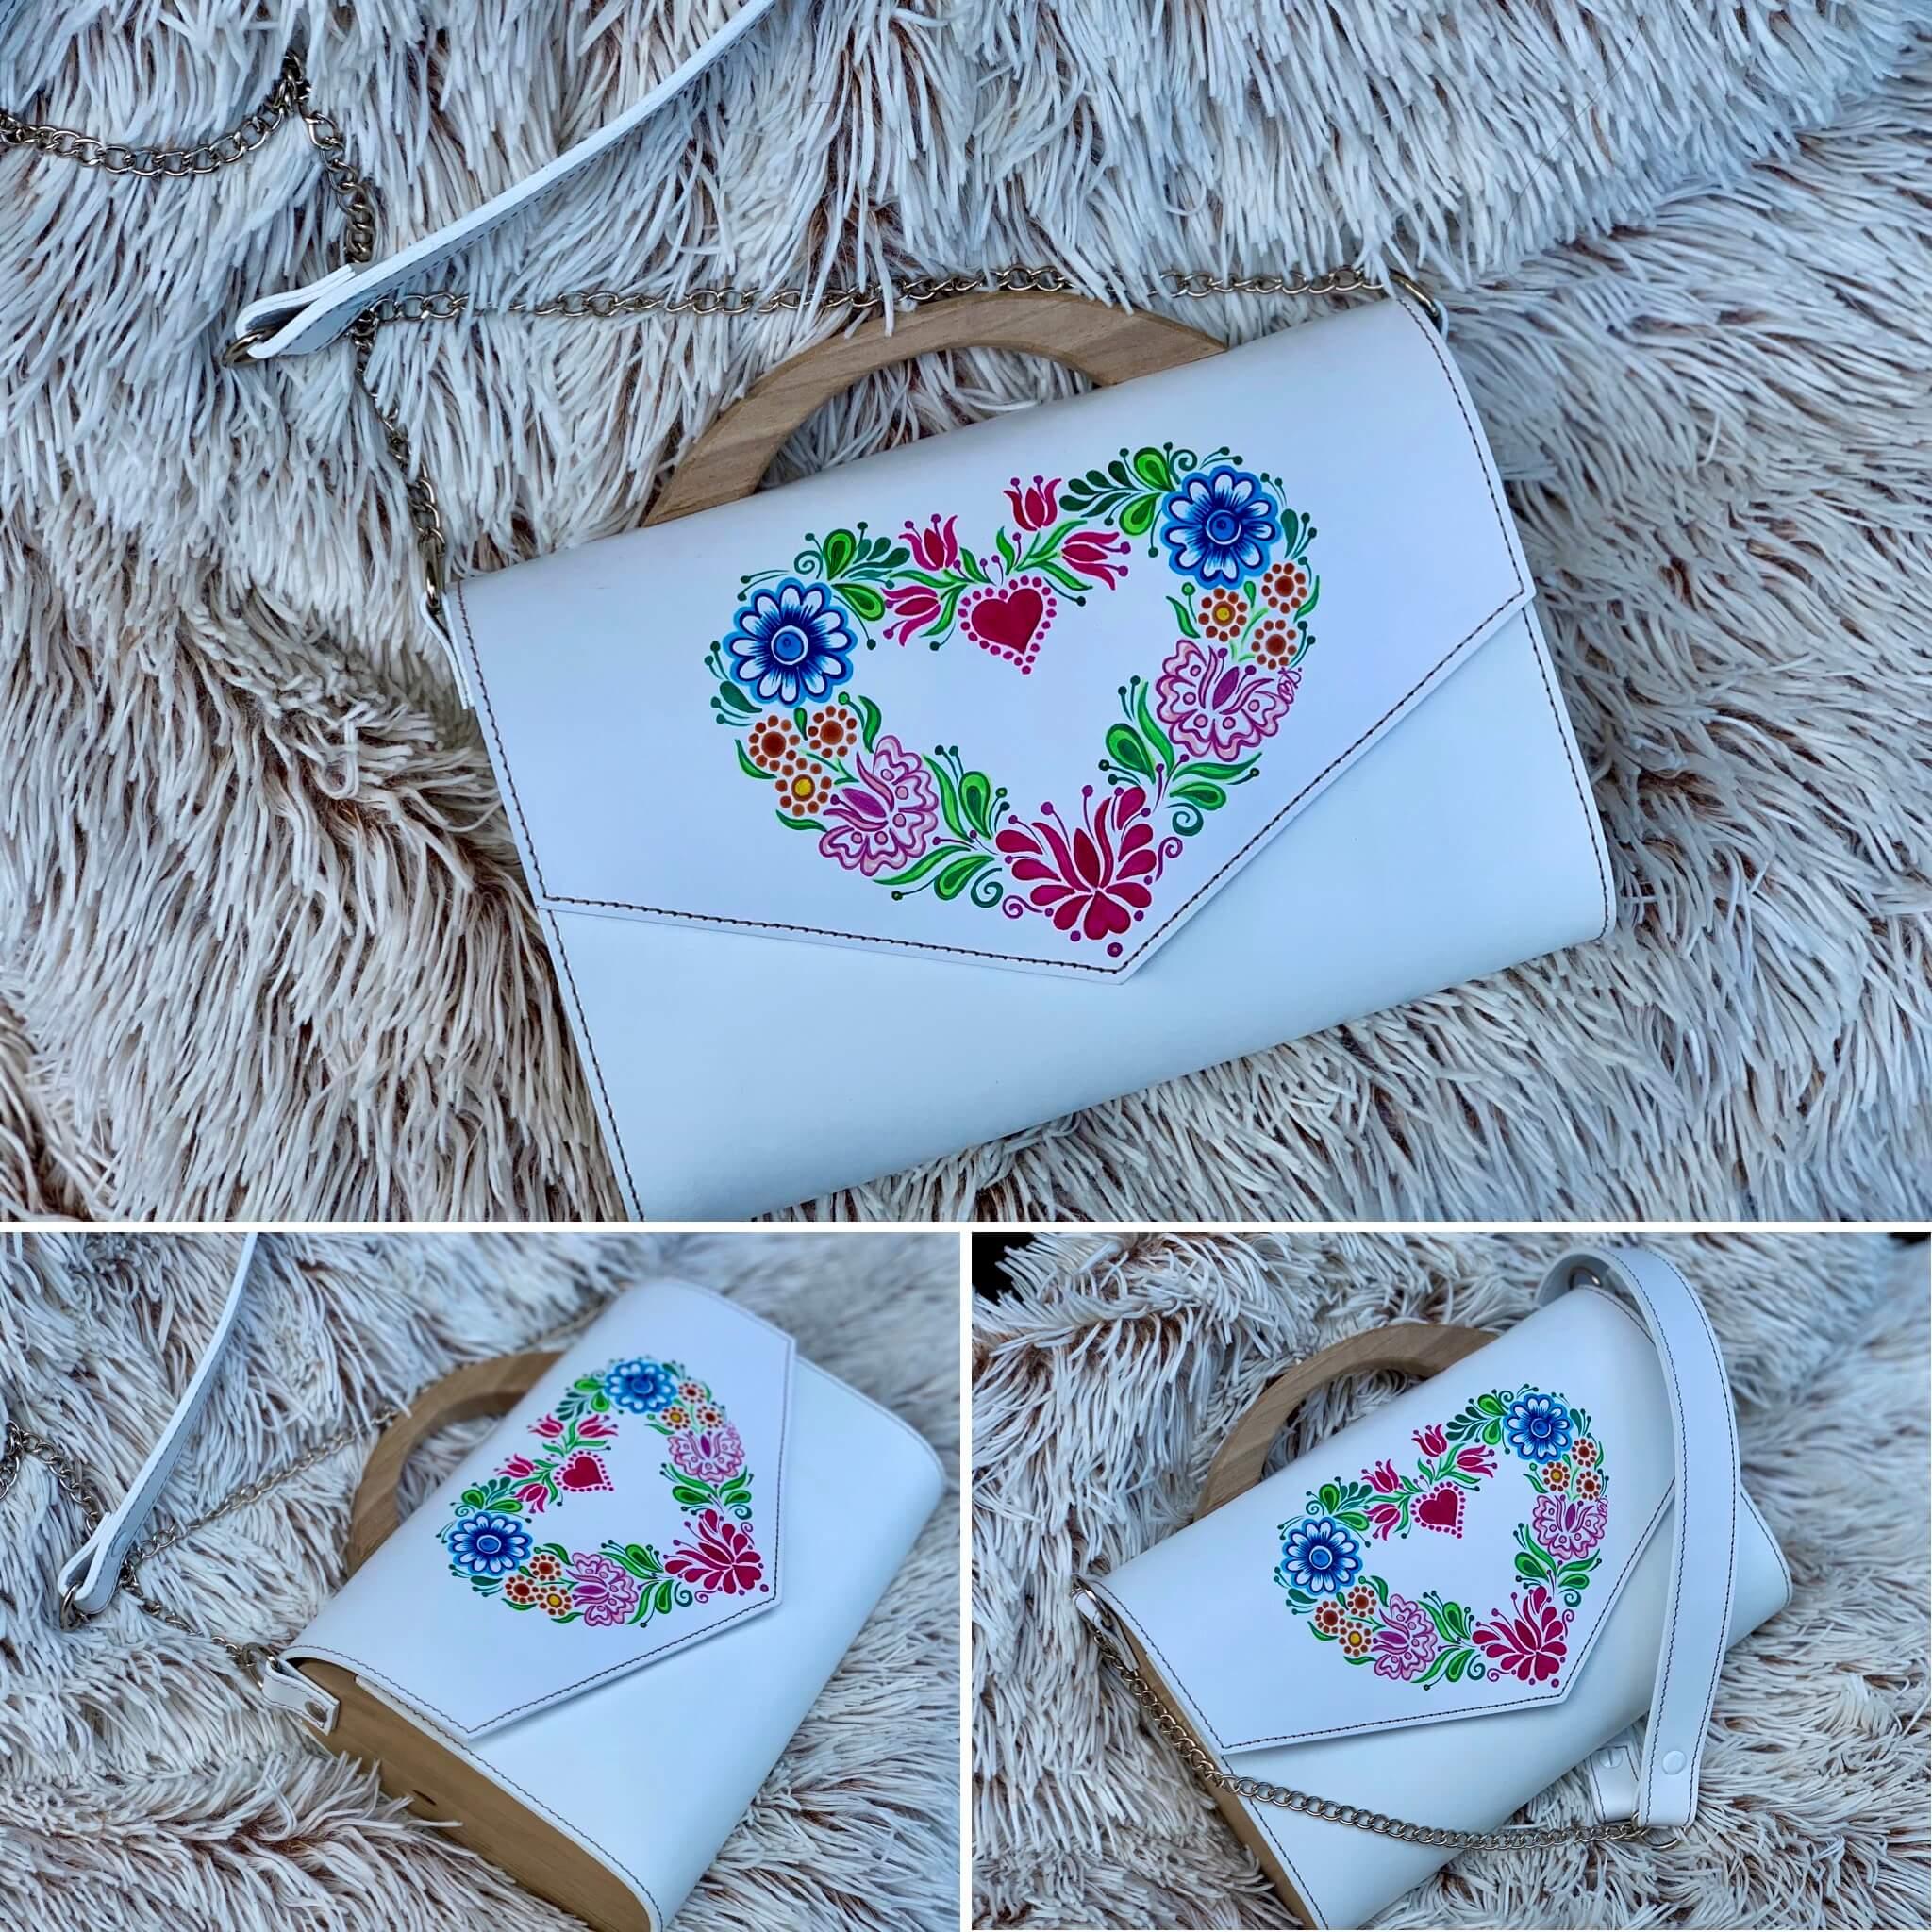 Biela kabelka s ručne maľovaným motívom – Danni Design